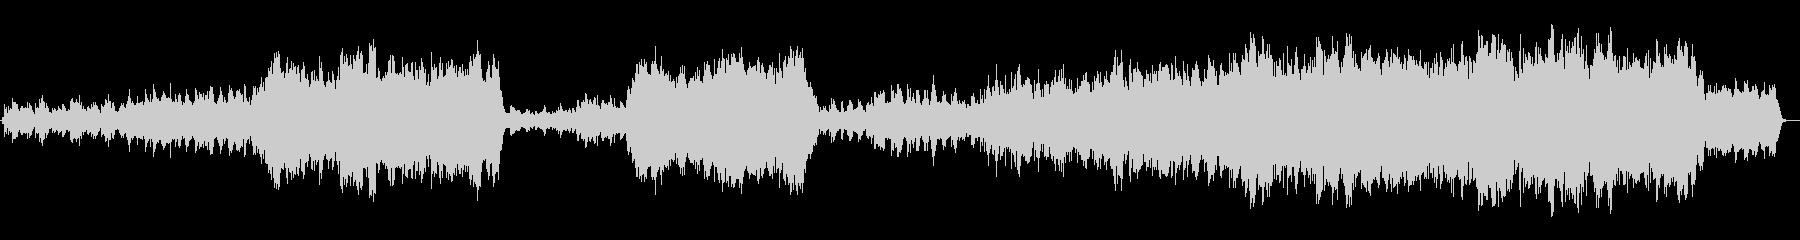 ピアノとオーケストの感動的なバラードの未再生の波形